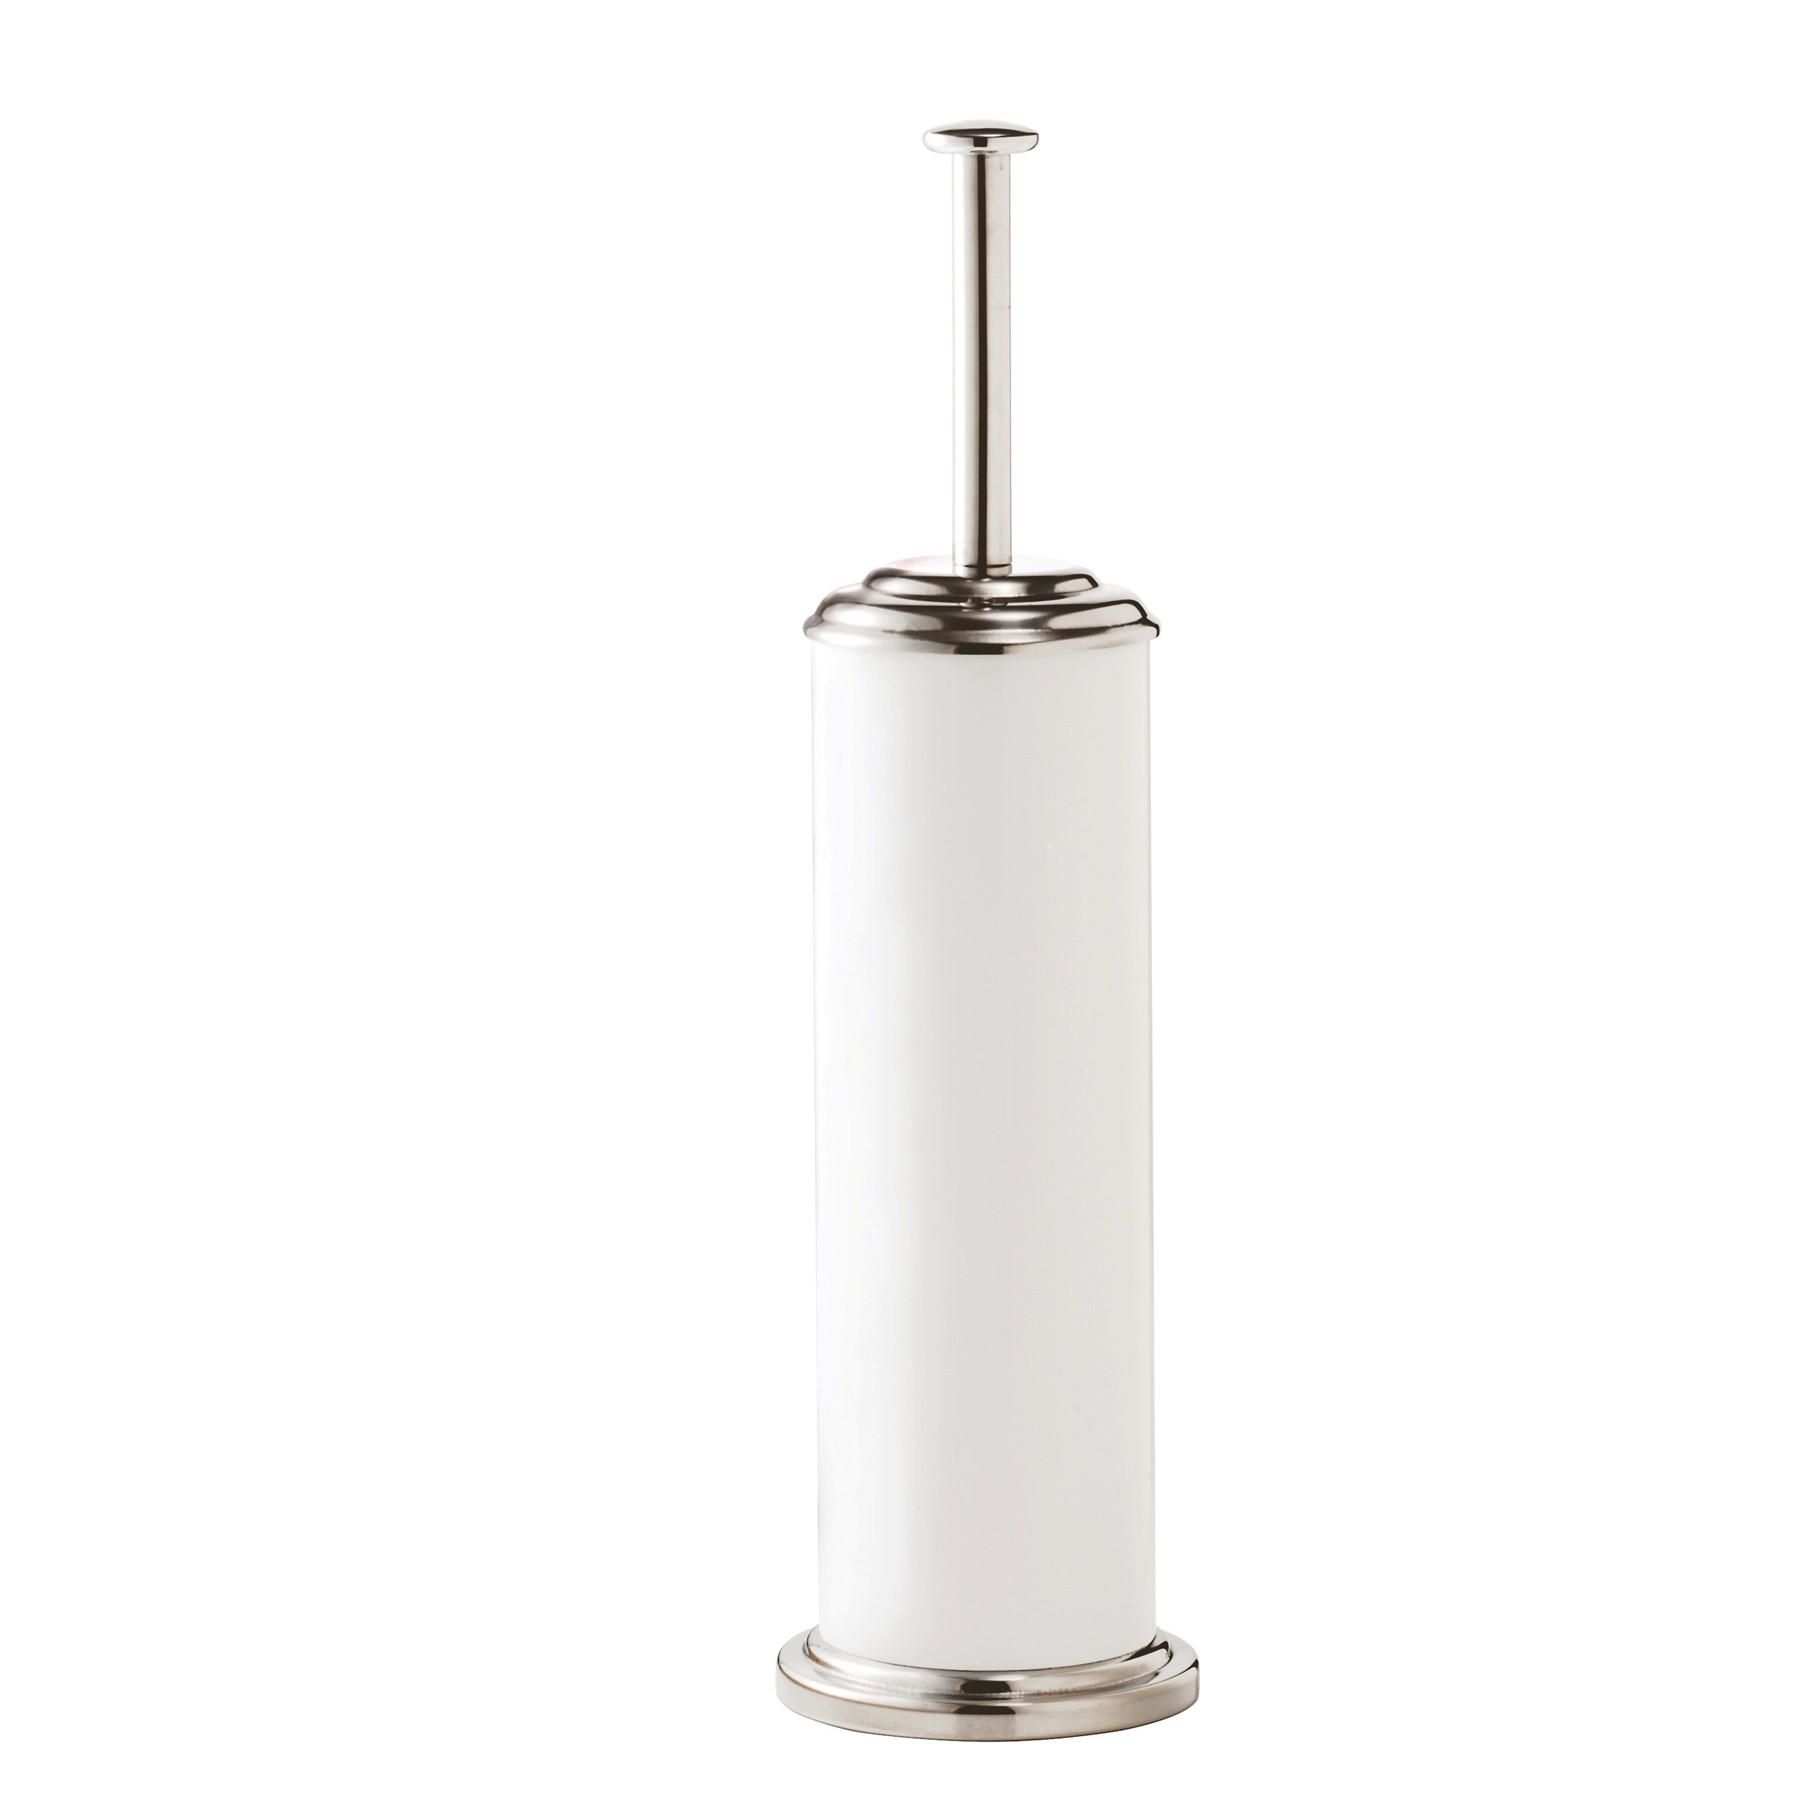 Croydex Toilet Brush White (AJ400141)